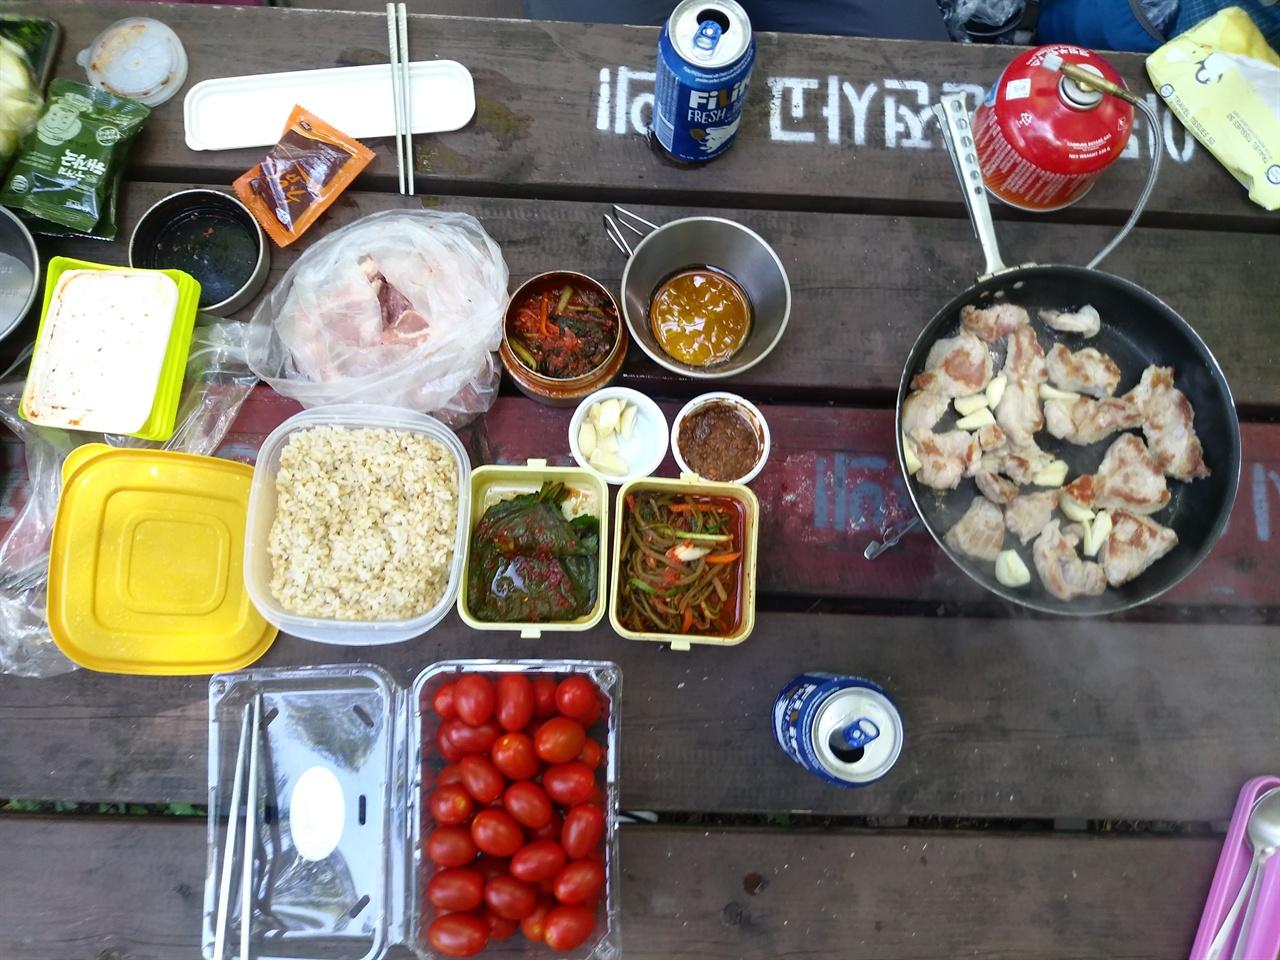 지리산 피아골 대피소에서 먹은 늦은 점심. 김준정씨는 고기를 굽고, 찌개를 끓이고 커피까지 끓여주었다.